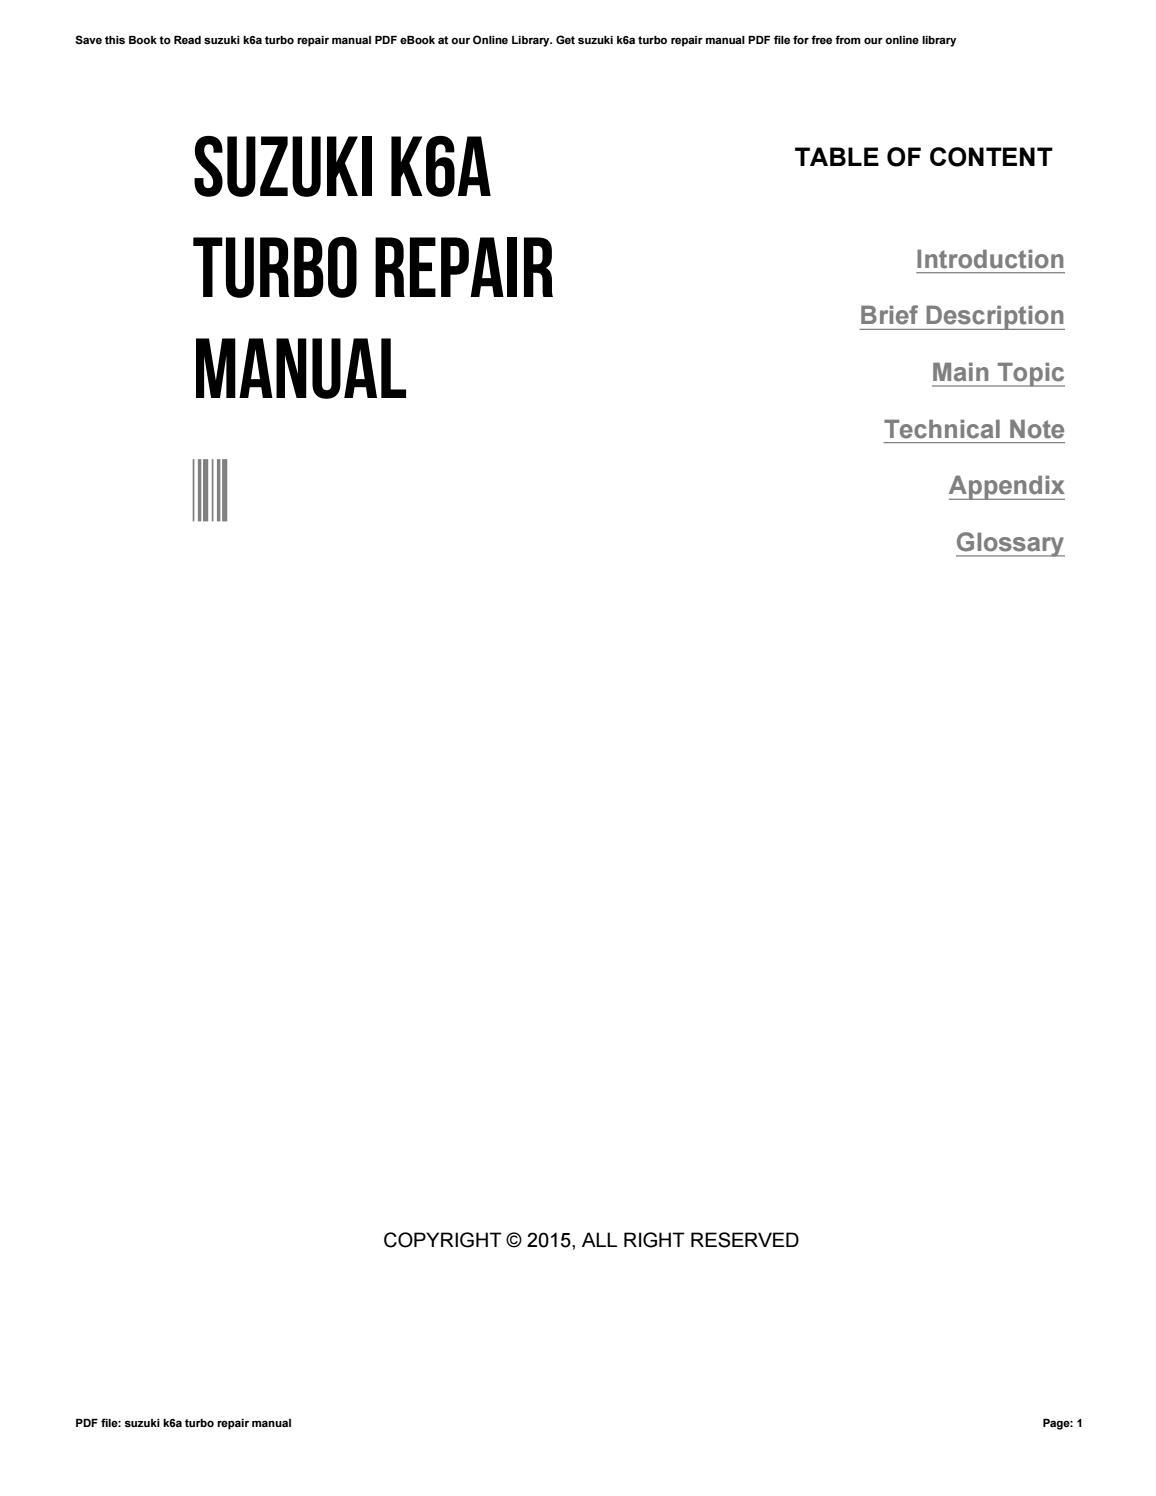 Suzuki k6a turbo repair manual by isdaq82 - issuu